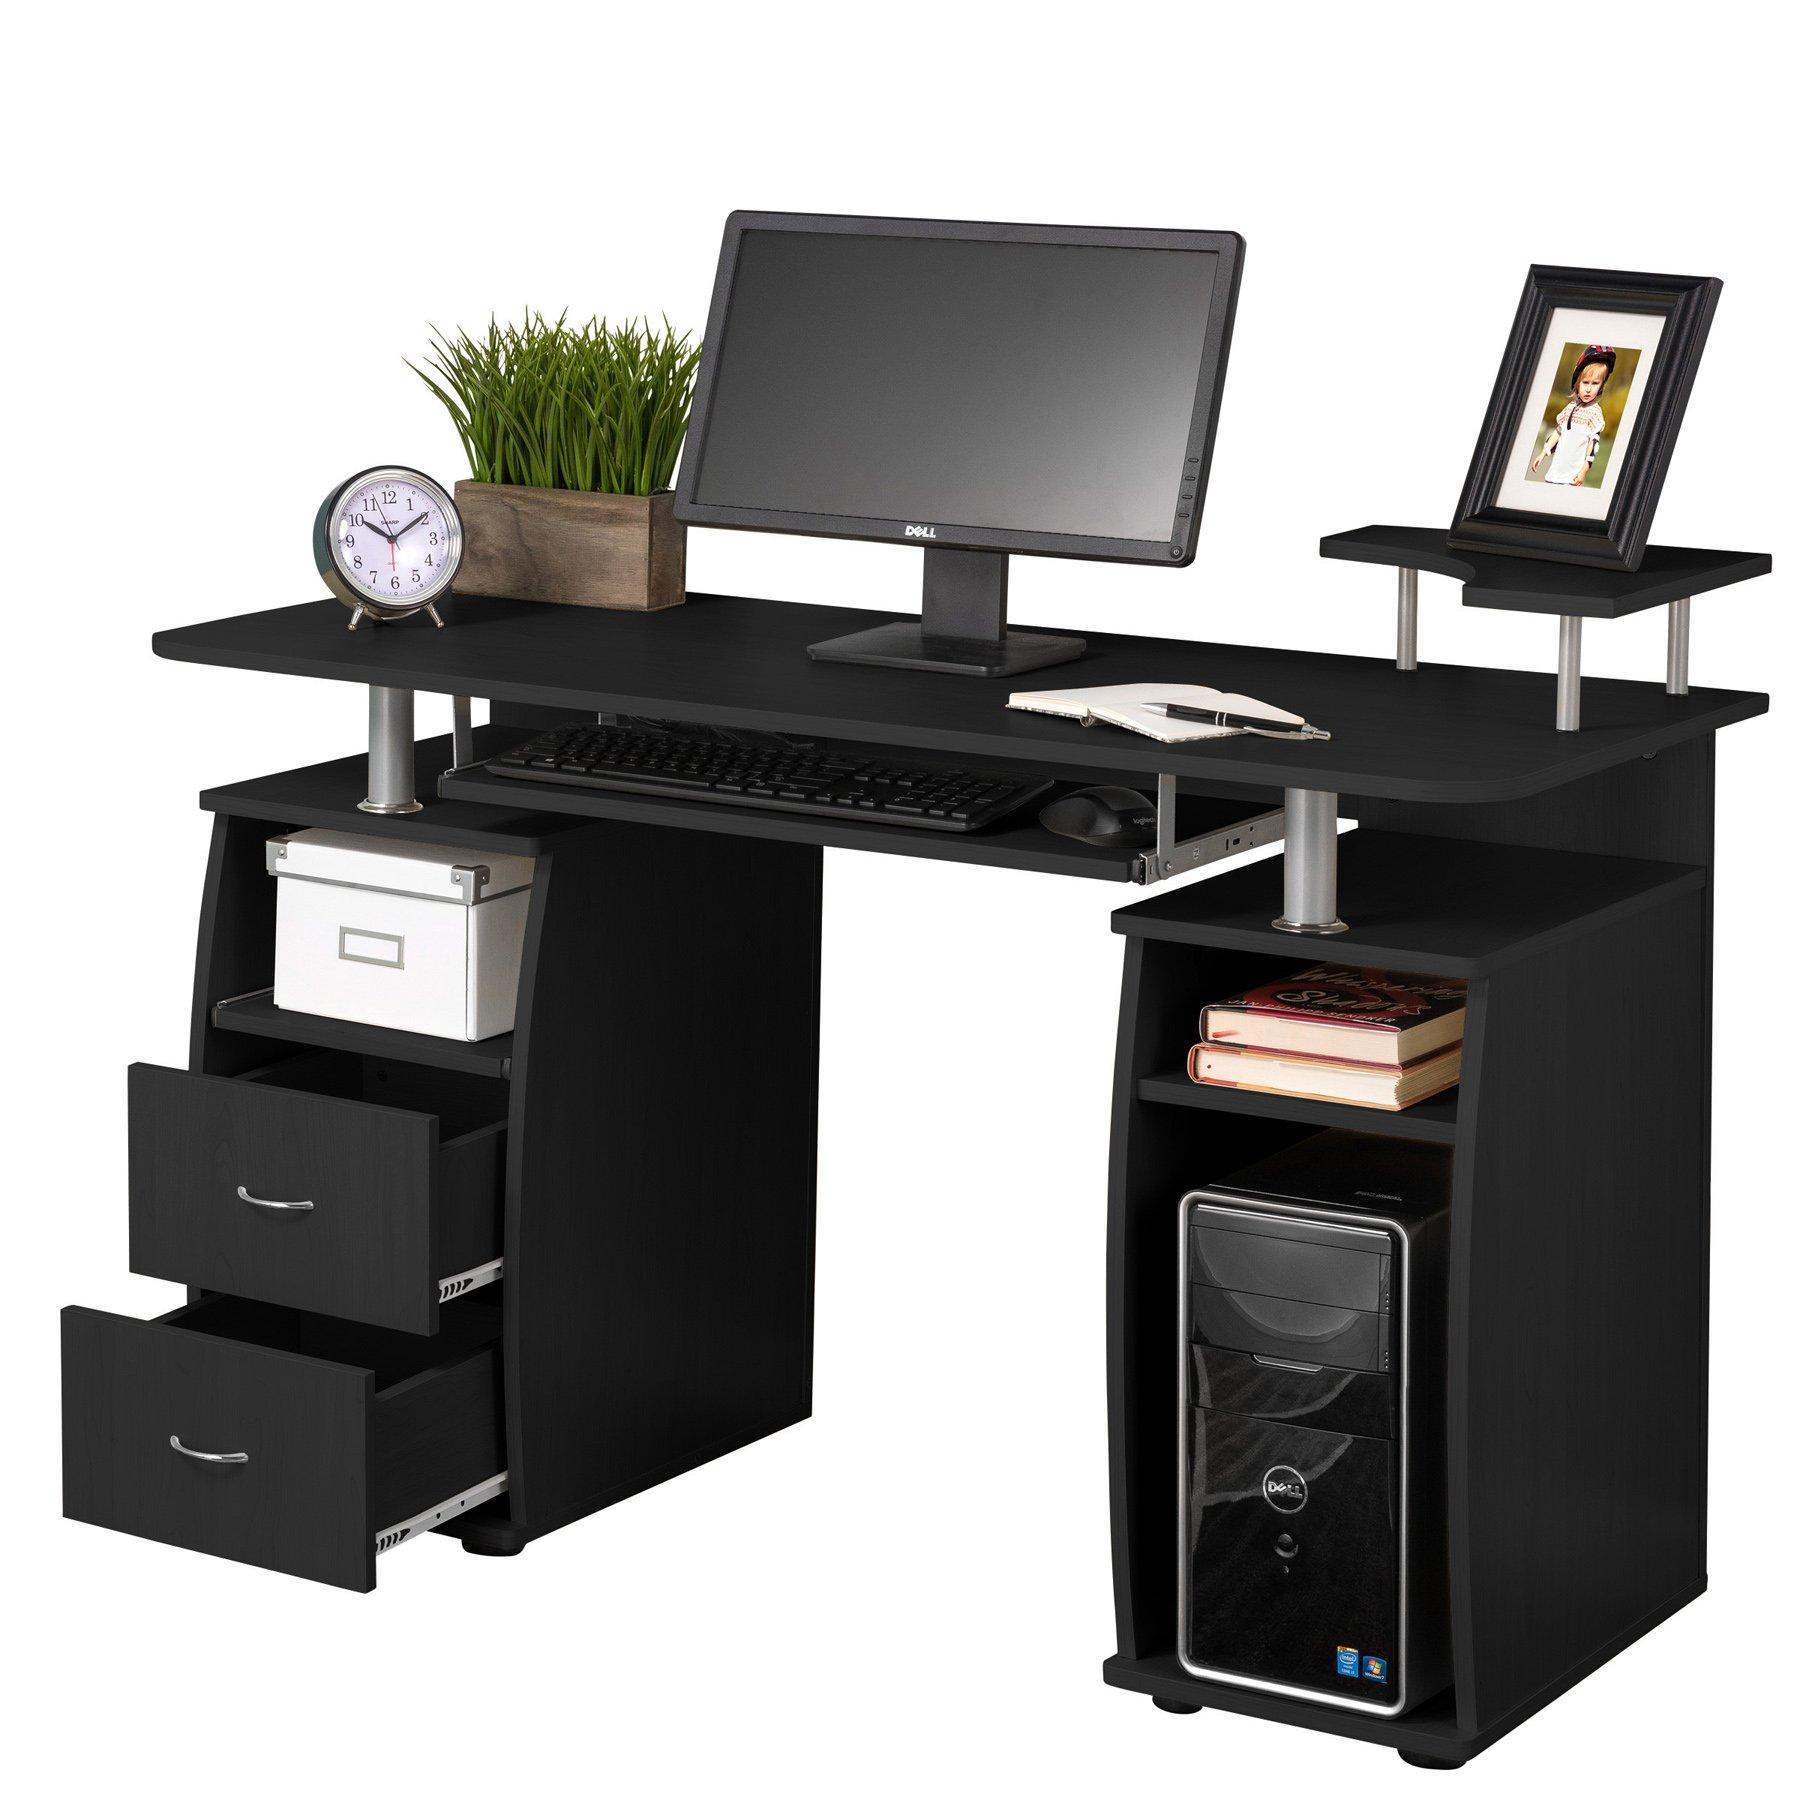 Fineboard Home Office Computer Desk, Black (Black)